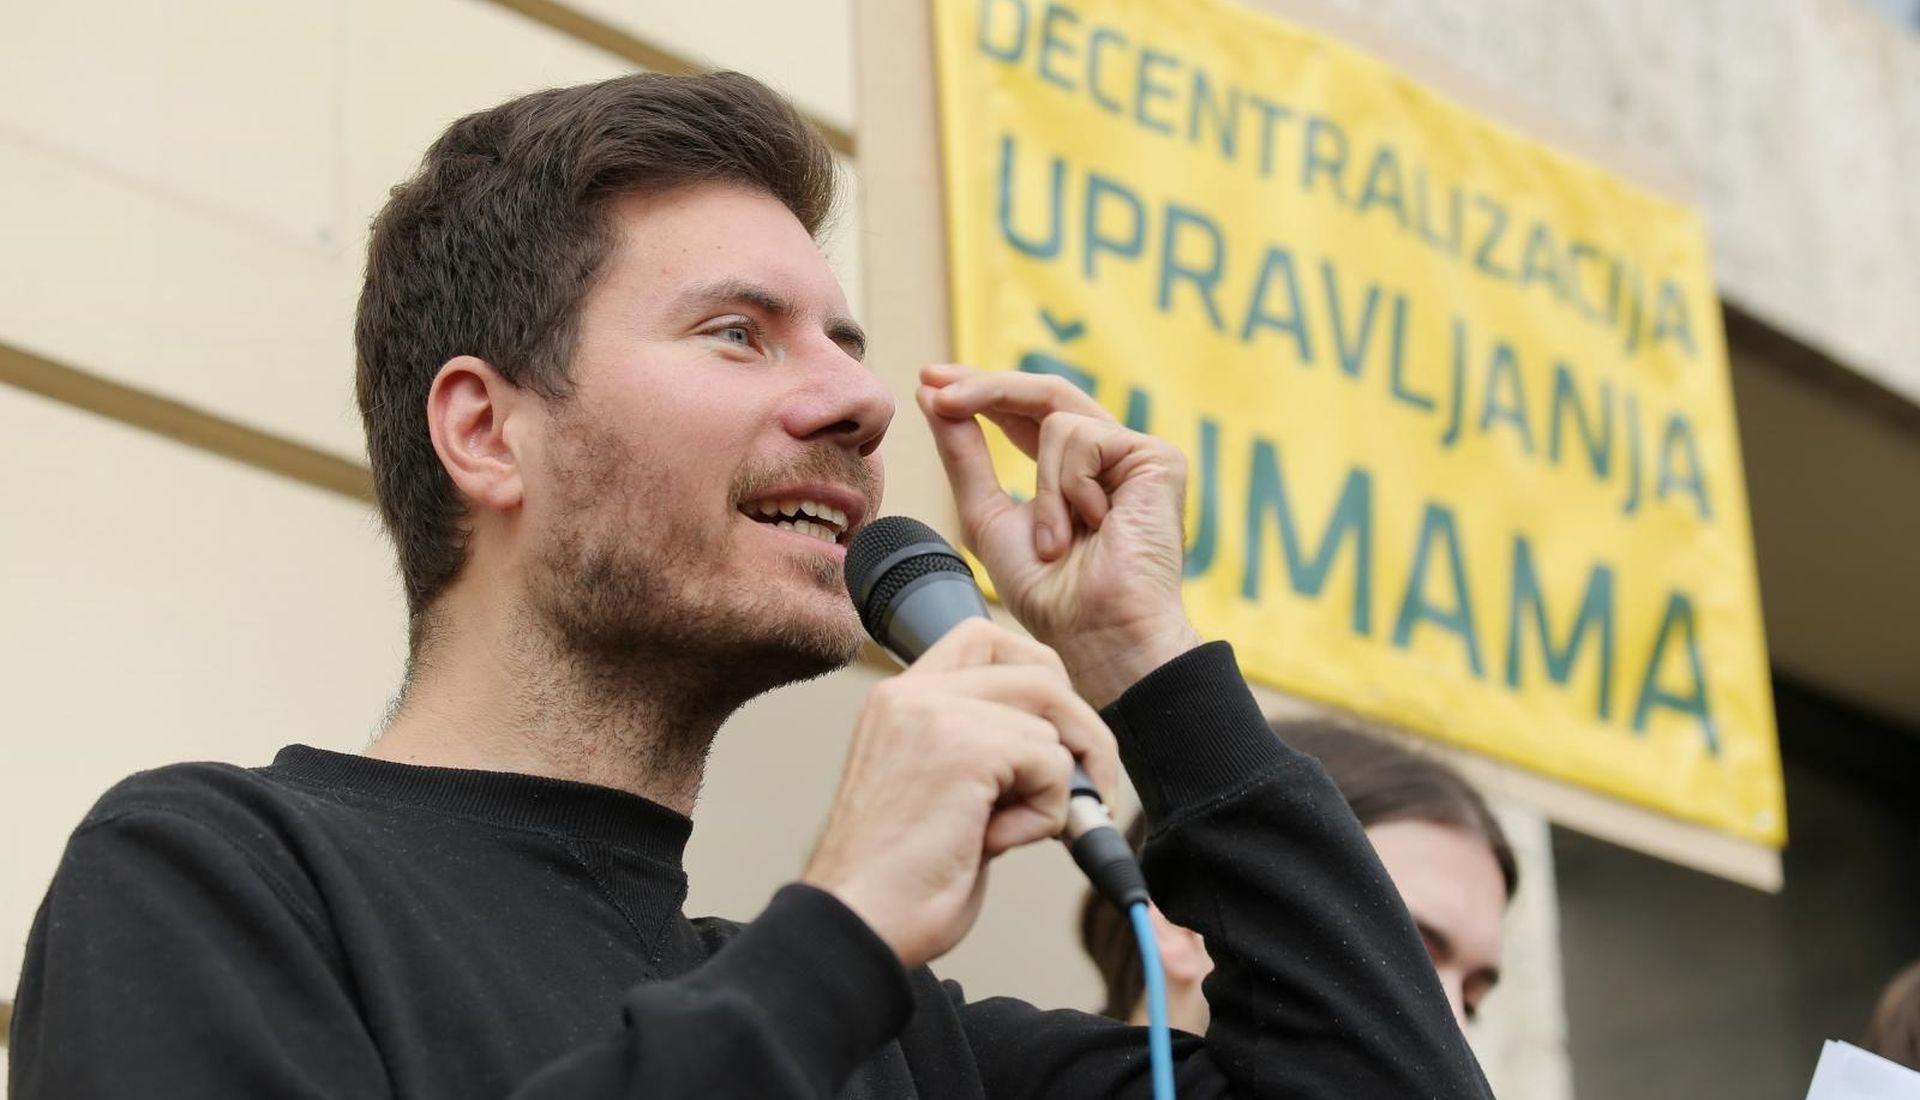 POVJERENSTVO Pernarov sat pripada Republici Hrvatskoj